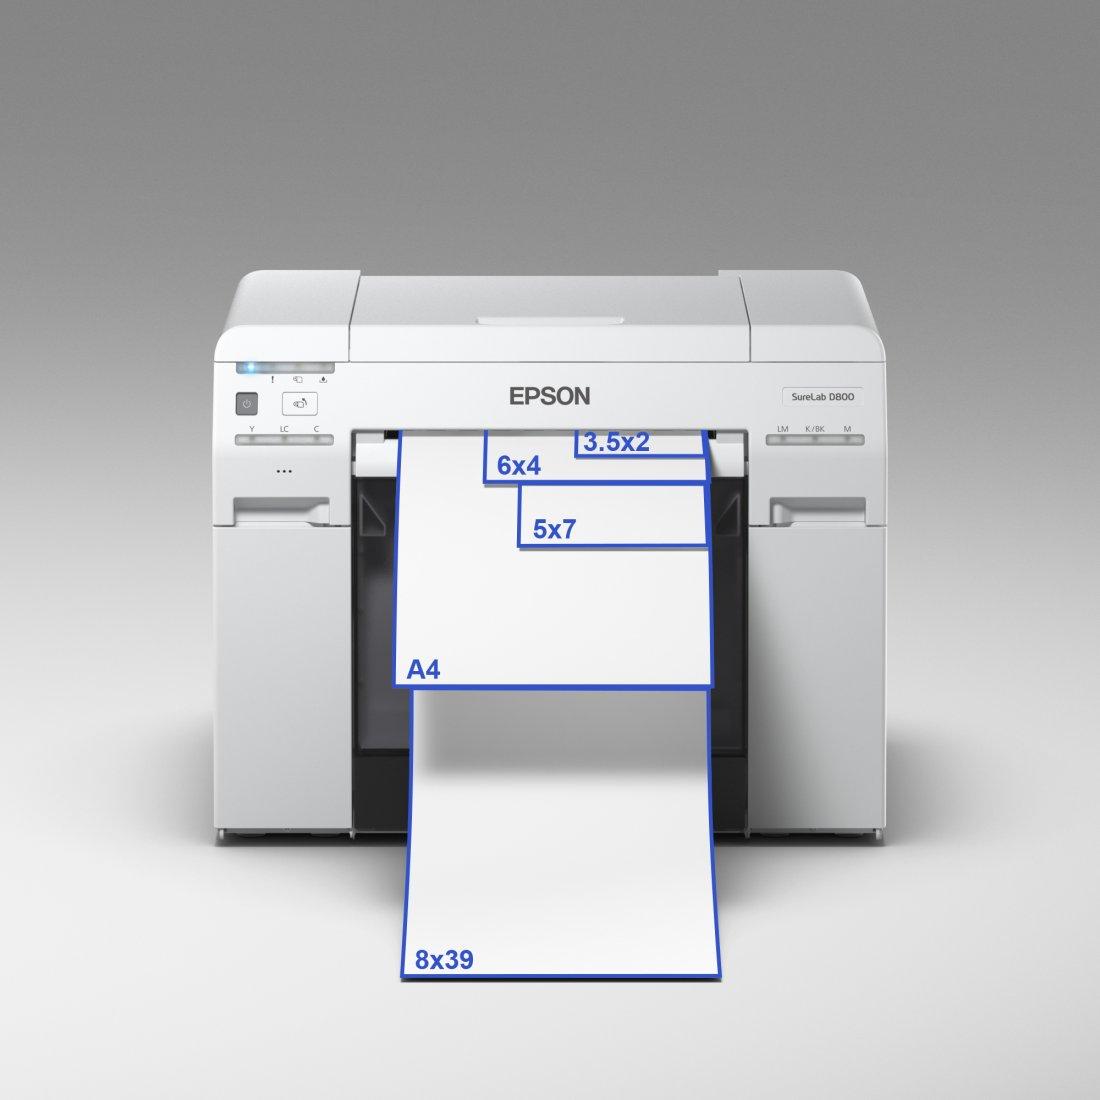 Bild 1 von Epson DryLab System - Epson SureLab SL-D800